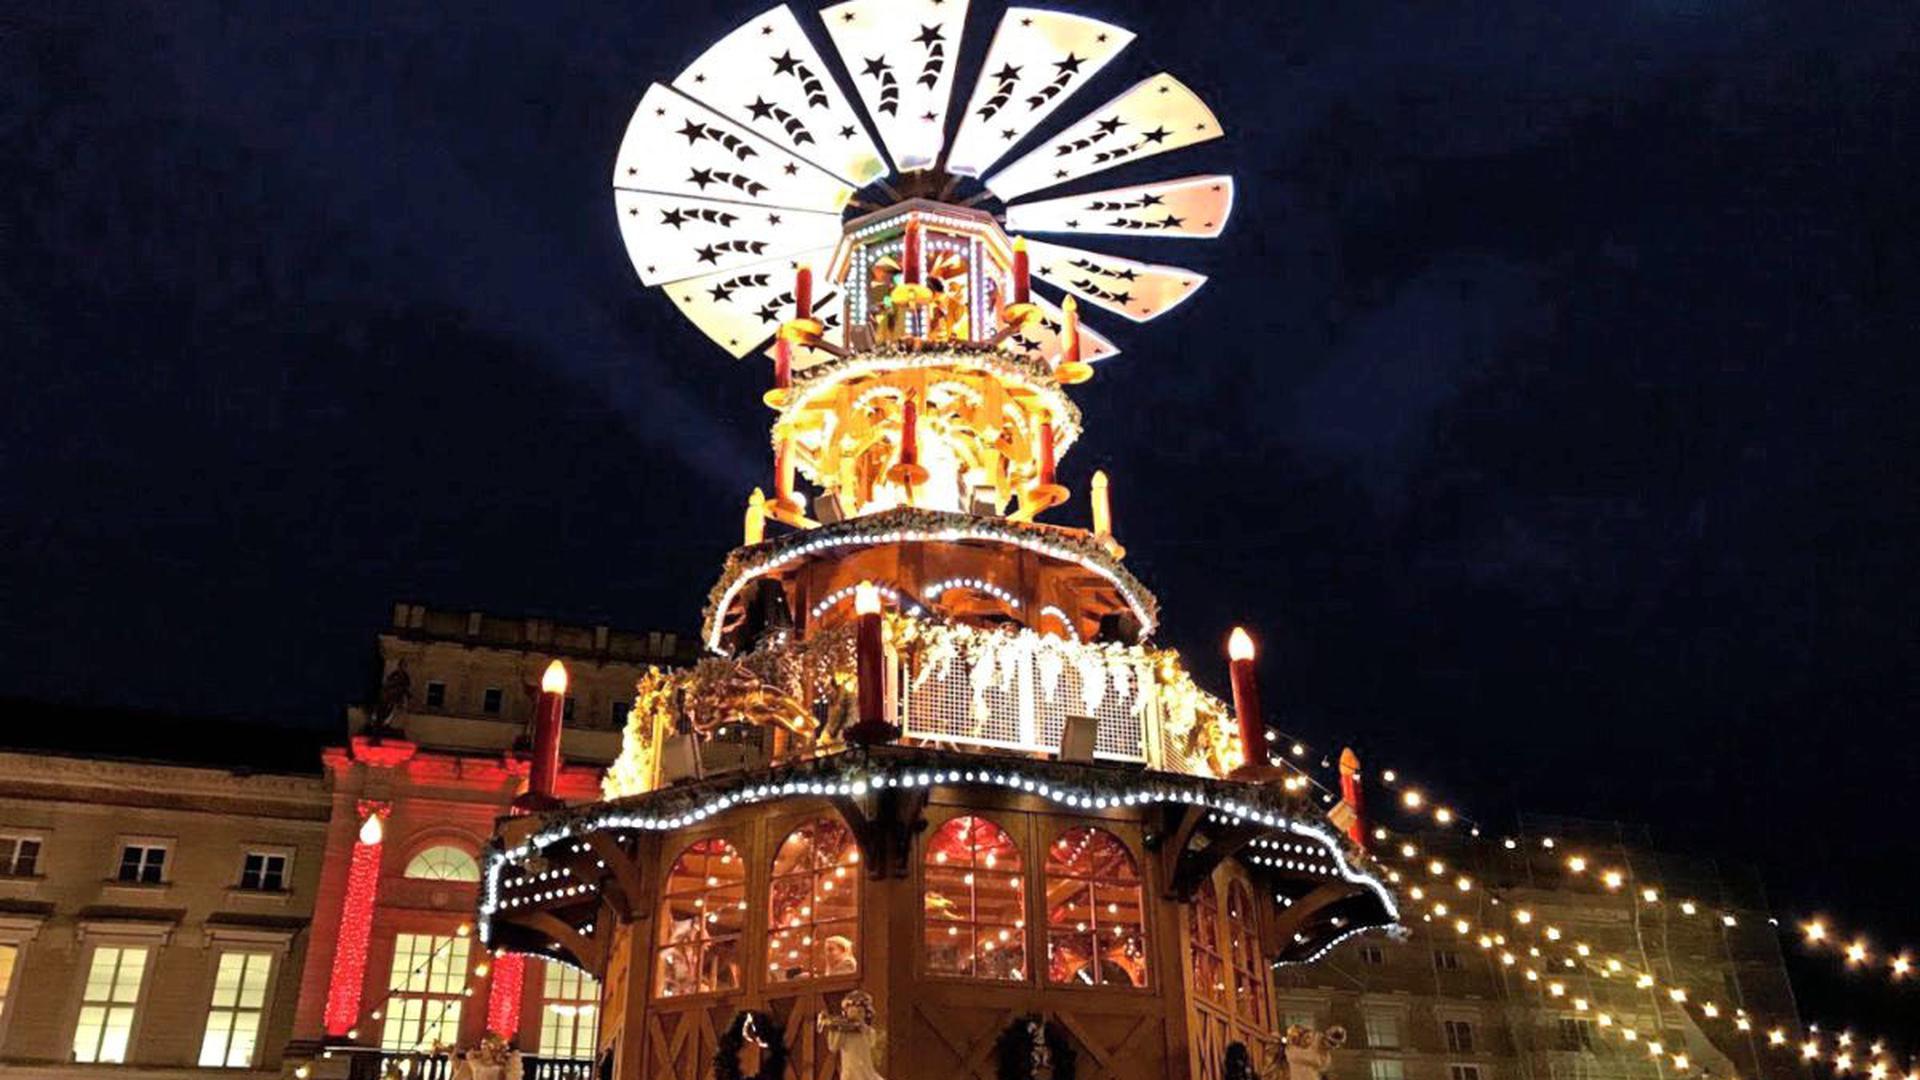 Nicht zu übersehen ist die Glühweinpyramide auf dem Karlsruher Weihnachtsmarkt.